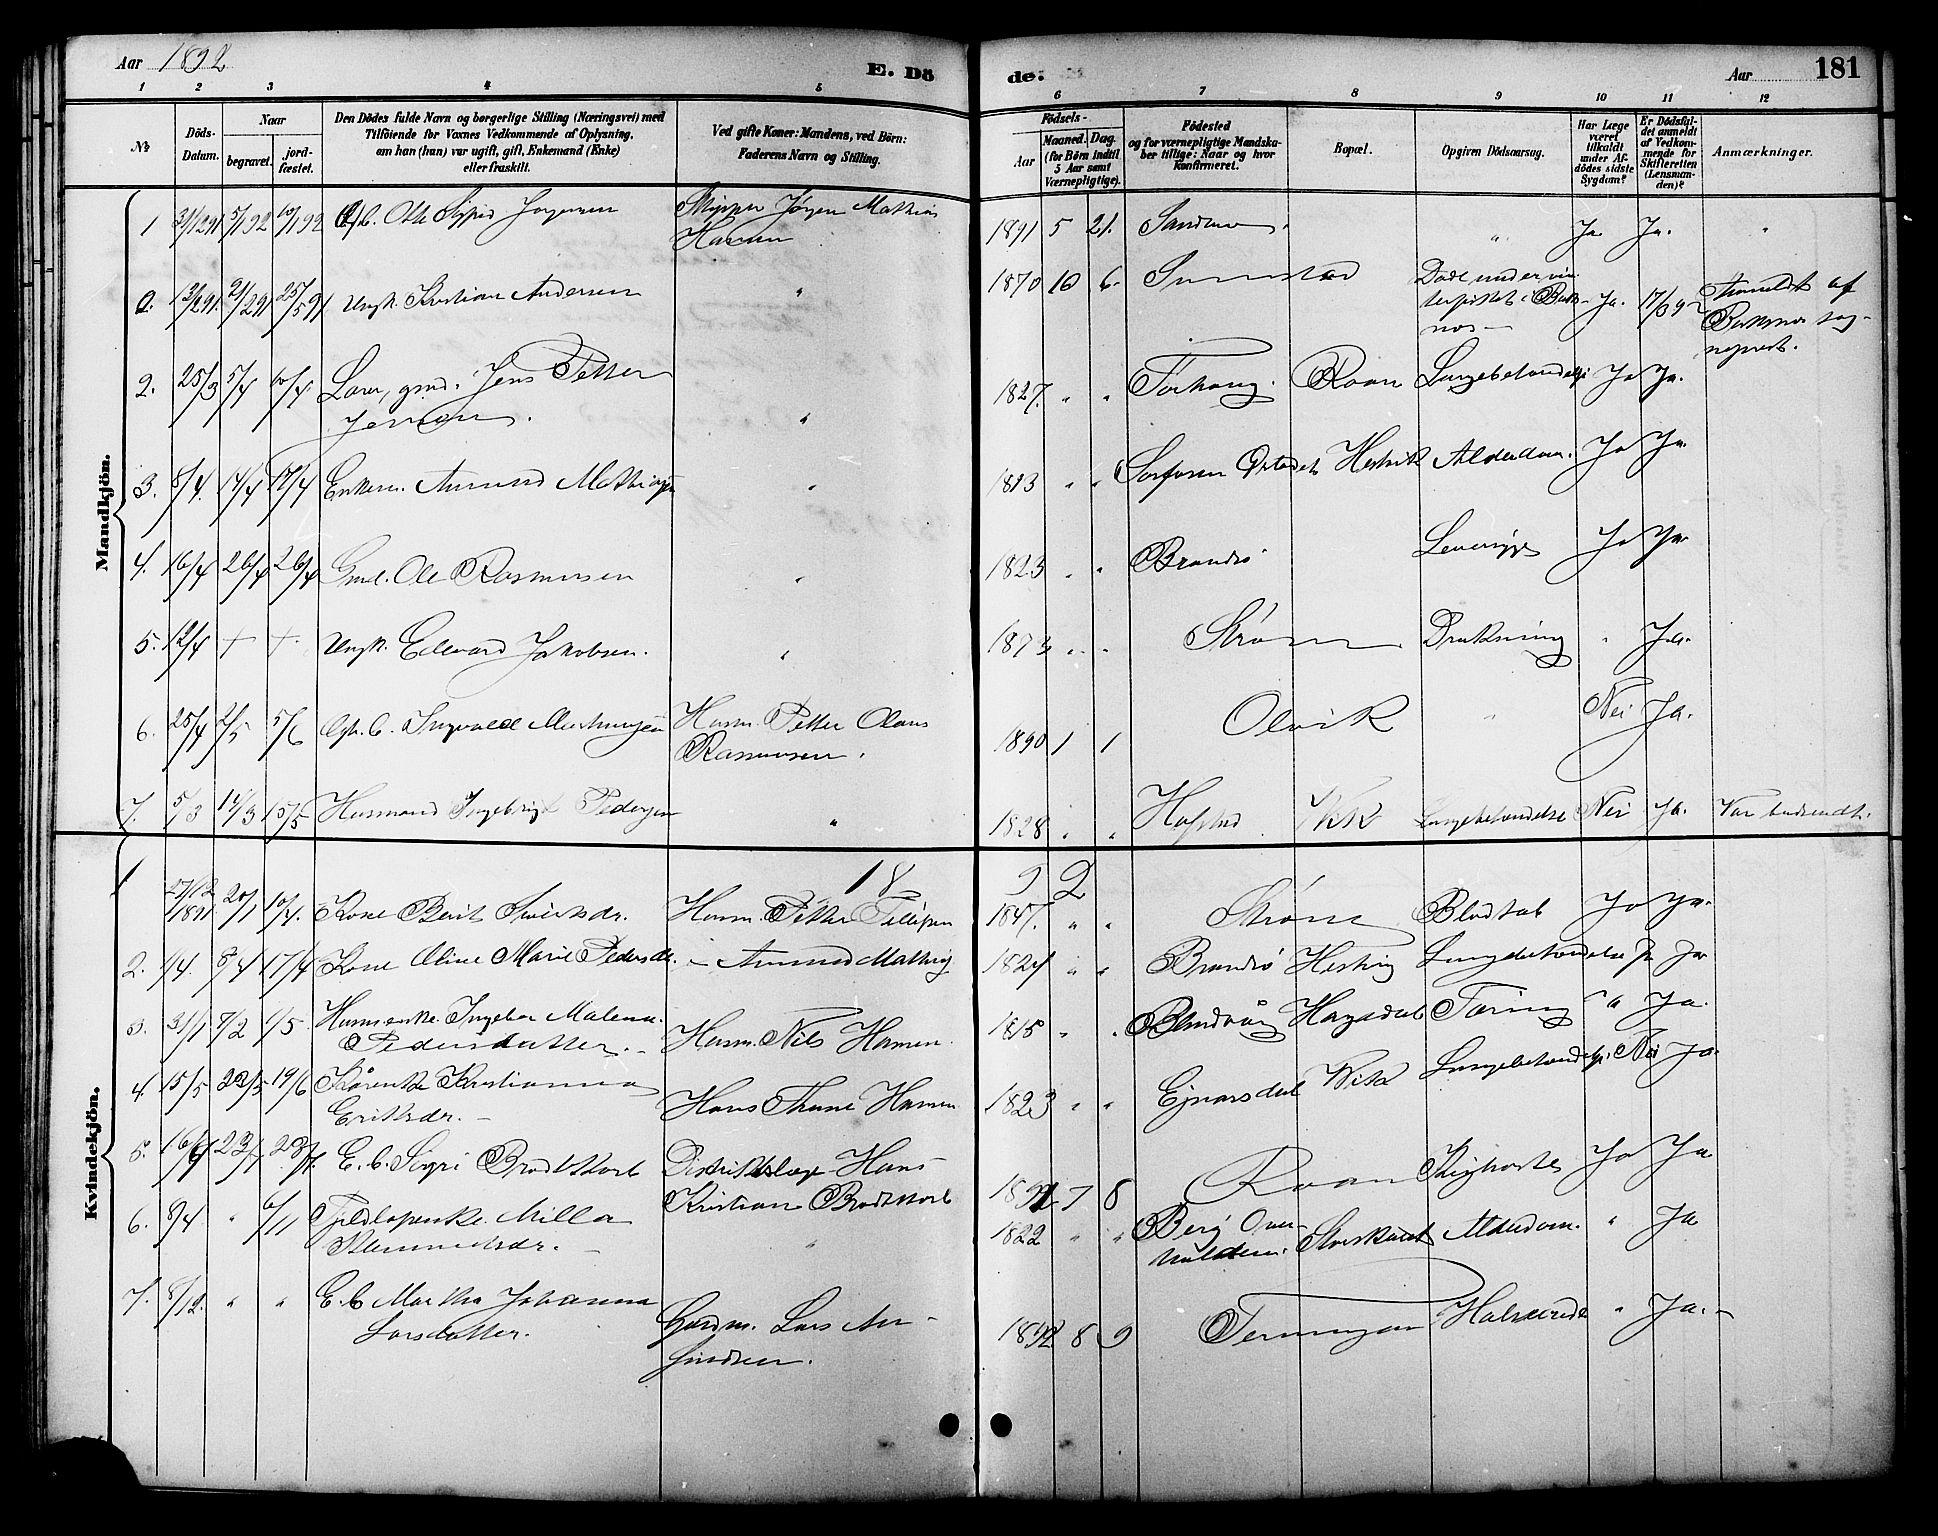 SAT, Ministerialprotokoller, klokkerbøker og fødselsregistre - Sør-Trøndelag, 657/L0716: Klokkerbok nr. 657C03, 1889-1904, s. 181